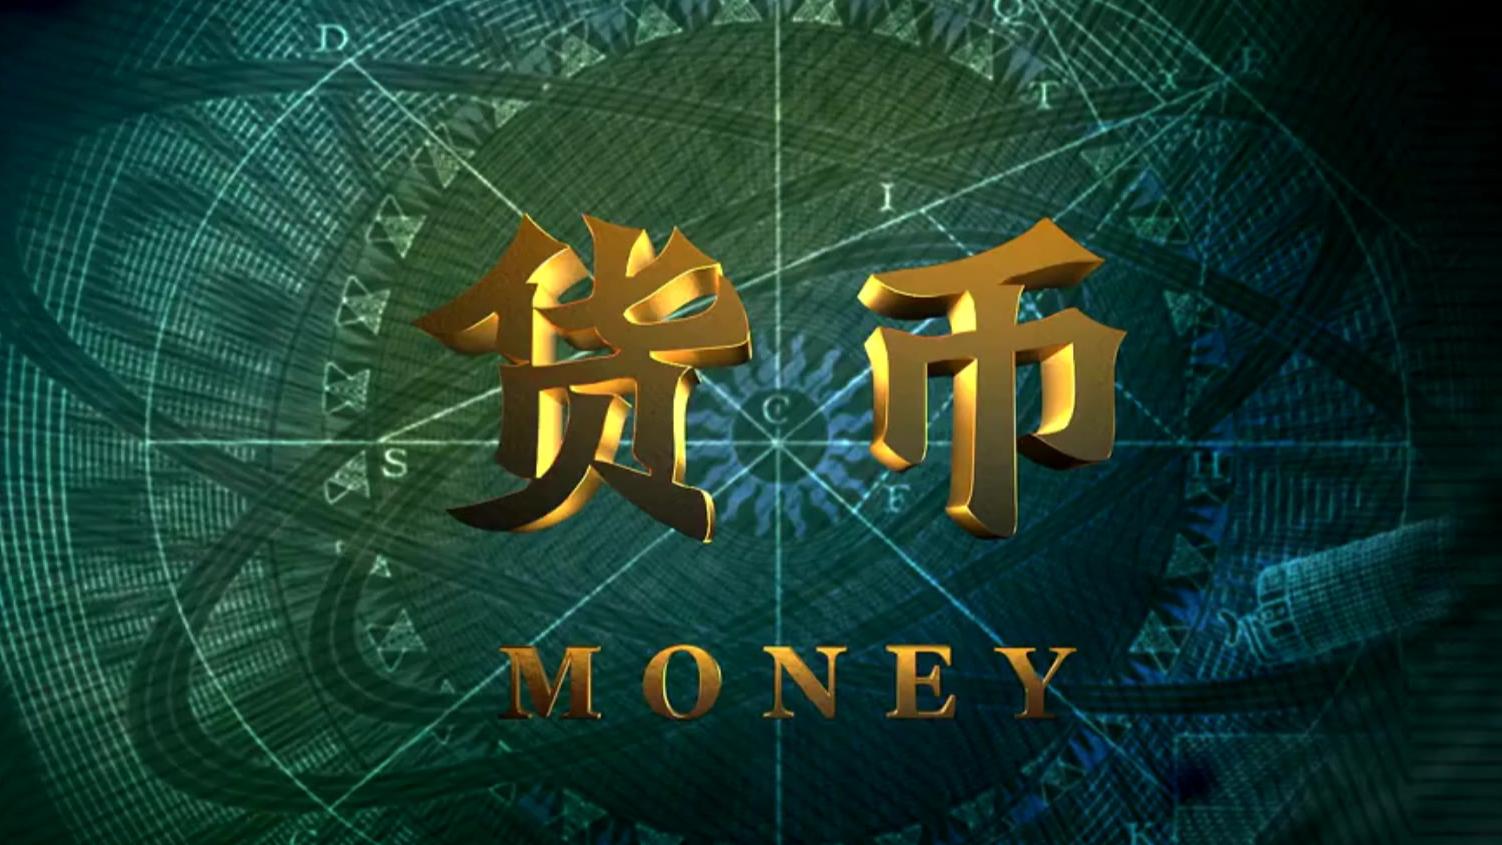 纪录片《货币》全集精简版